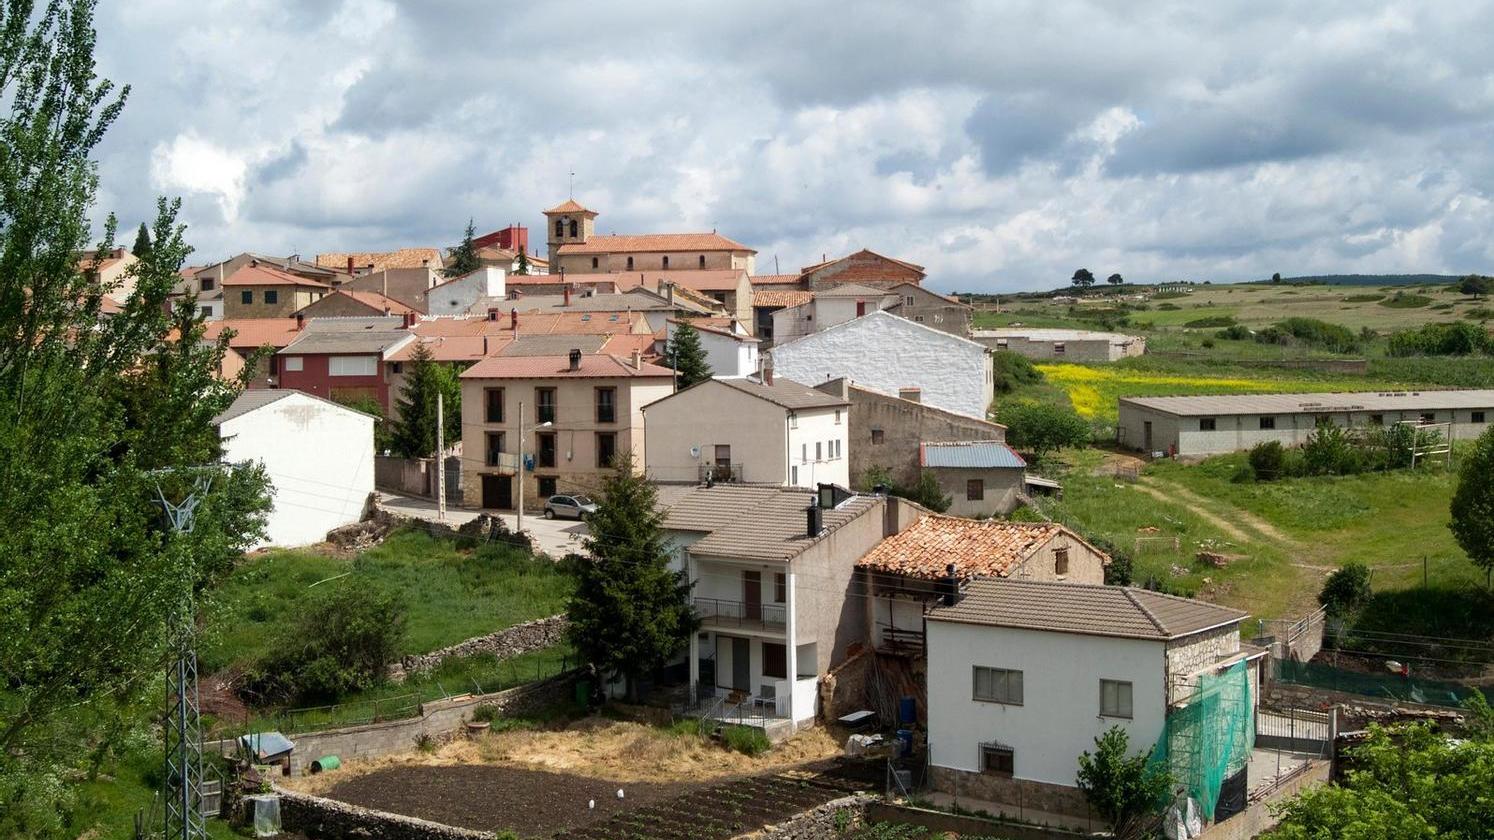 Mit der ungewöhnlichen Maßnahme will das kleine Griegos im Nordosten Spaniens den Rückgang der Einwohnerzahl stoppen.